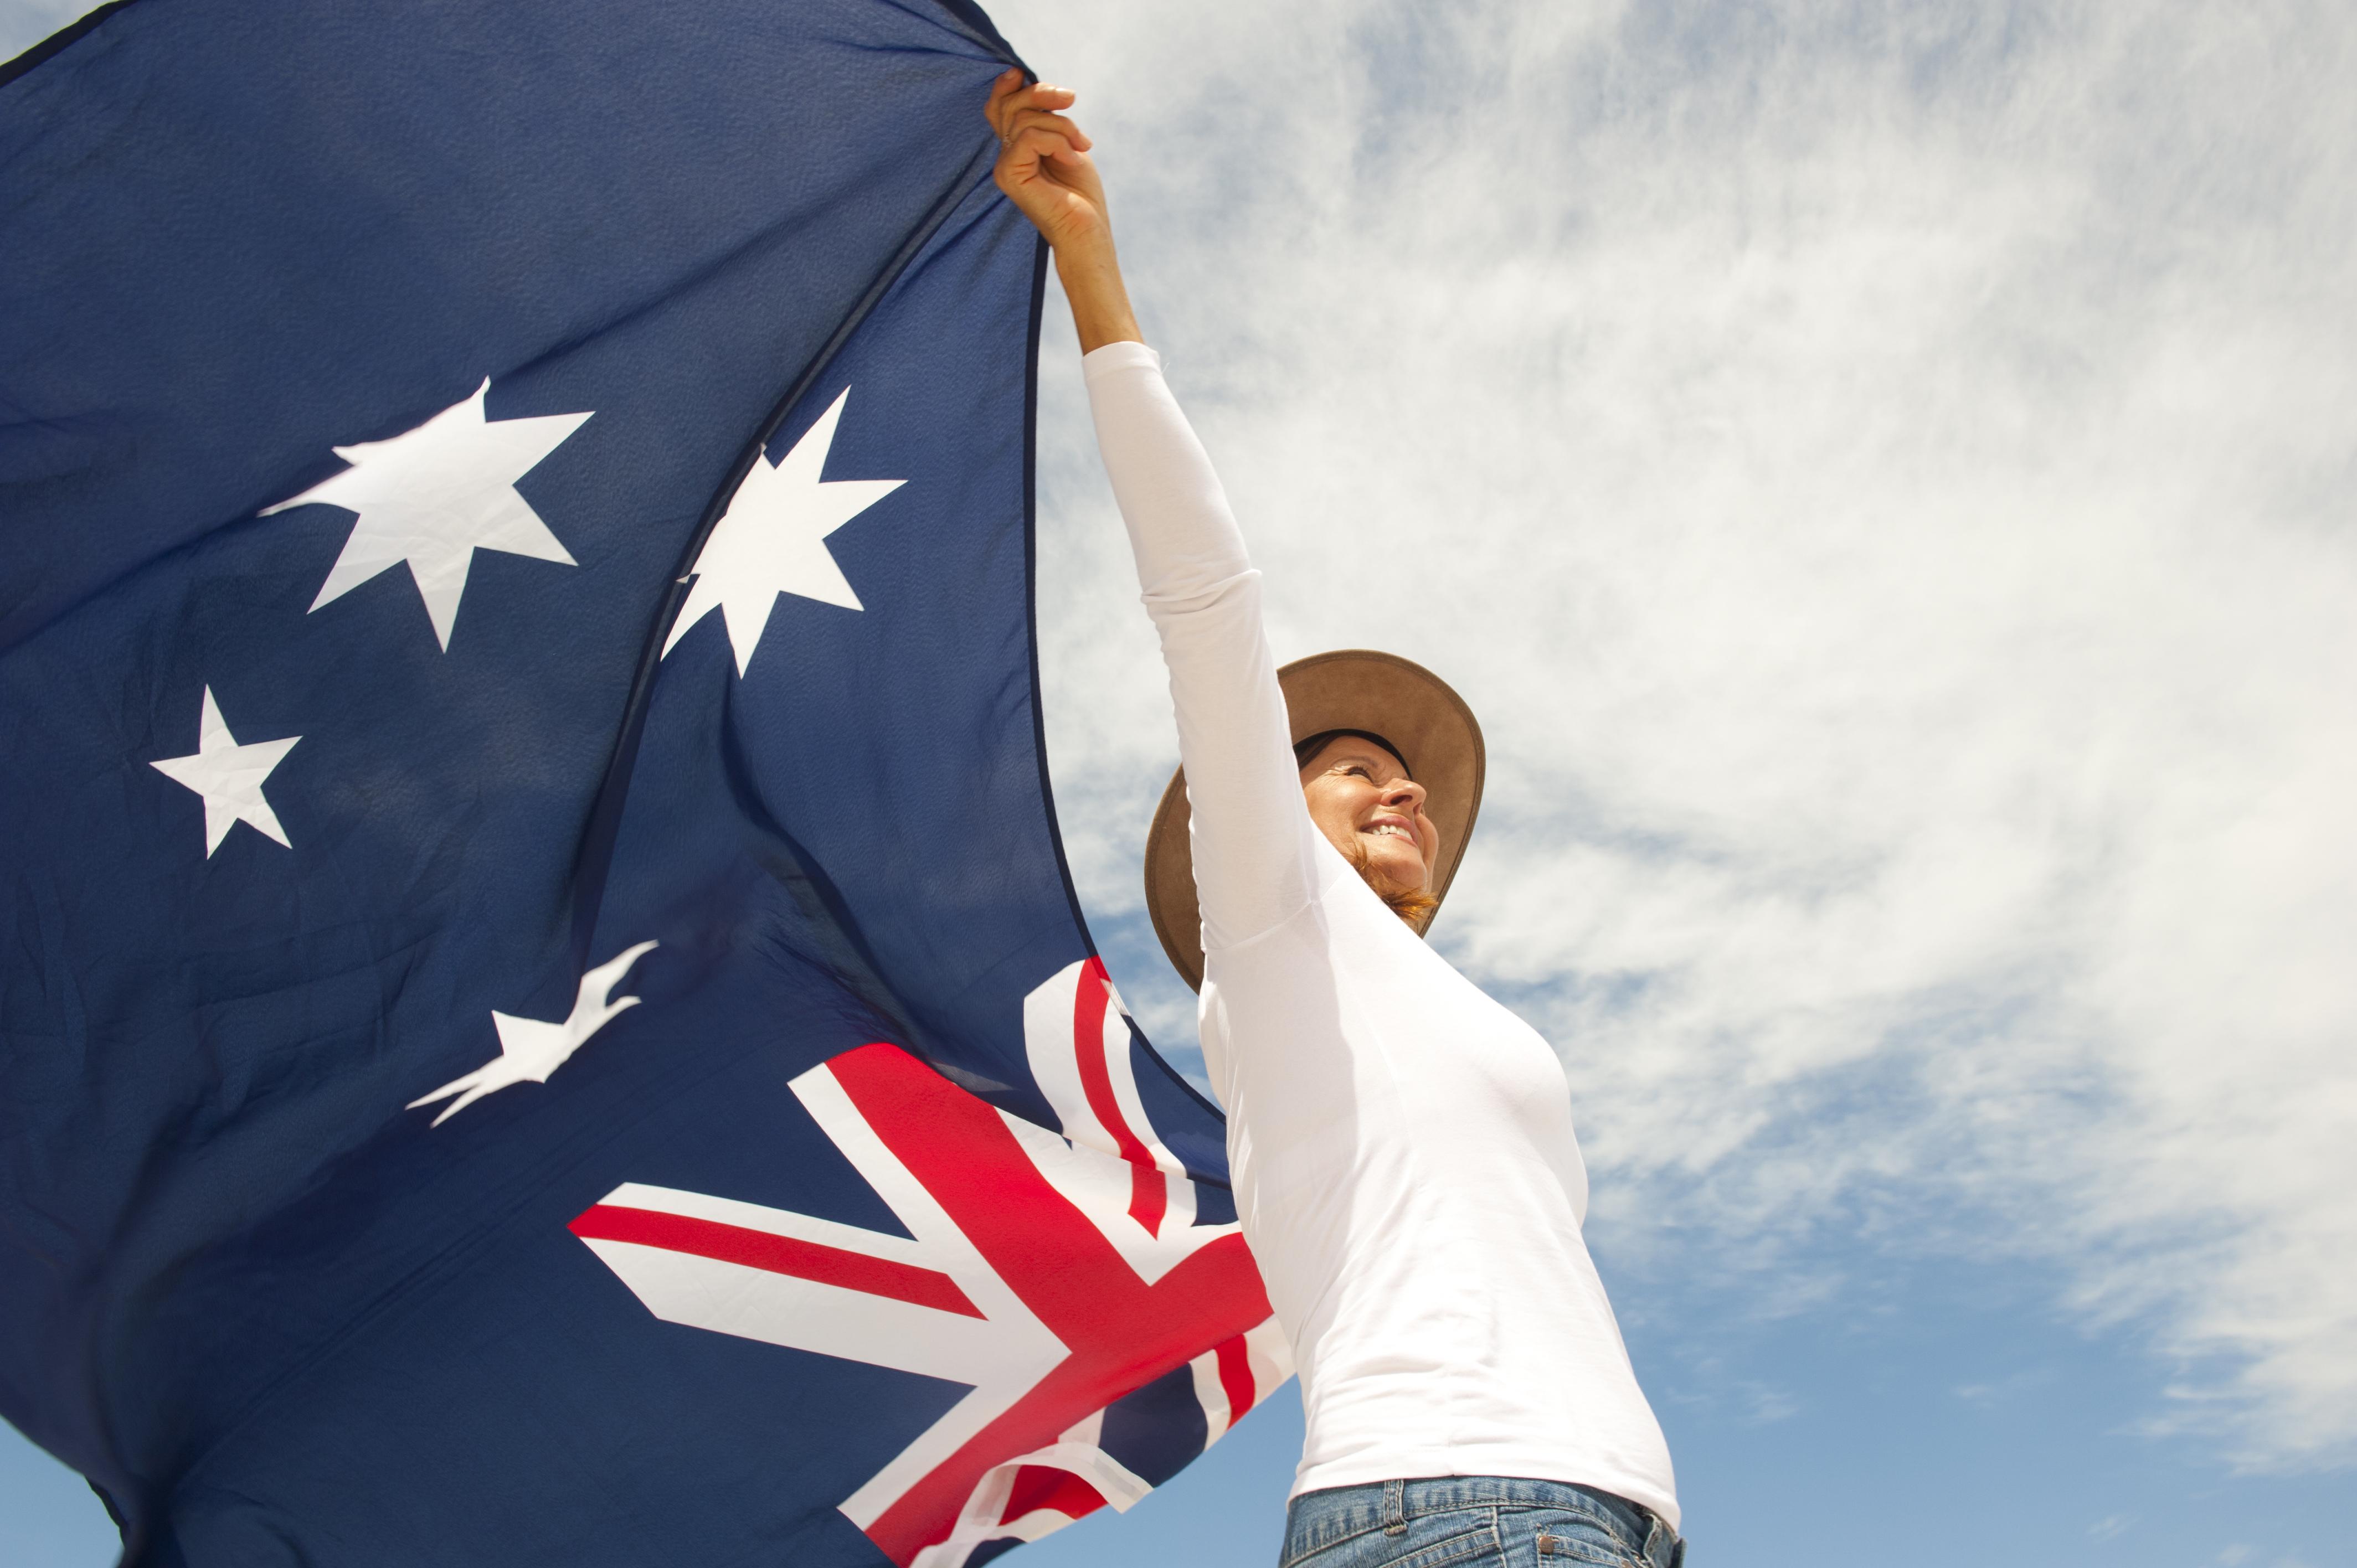 Женщина с флагом Австралии, где иностранцы могут получить ВНЖ